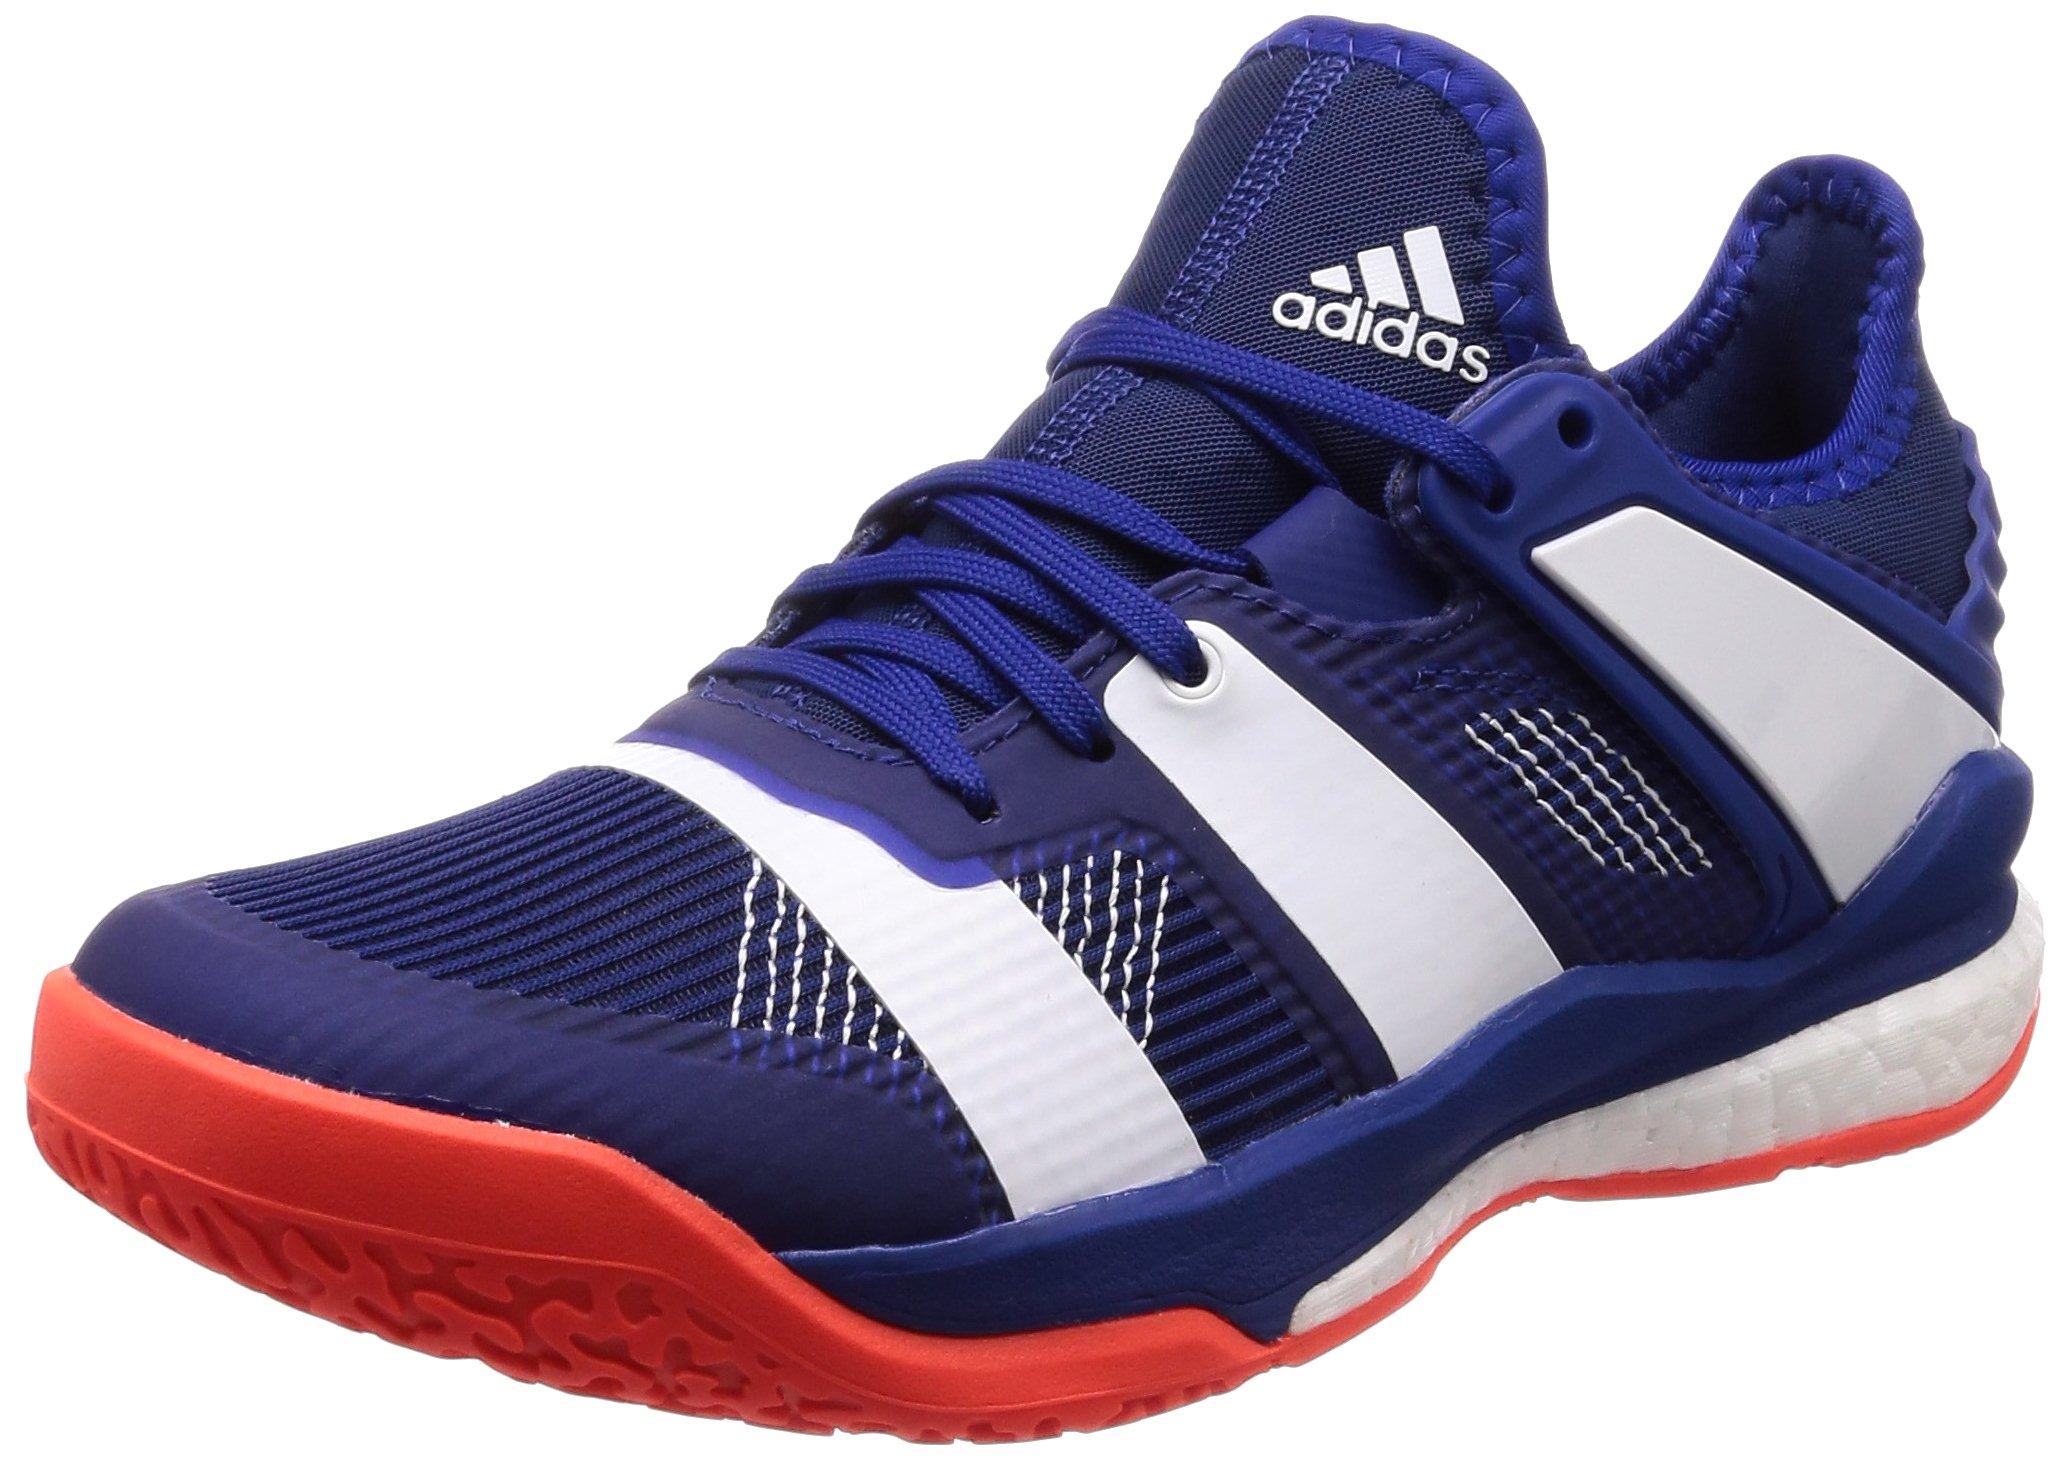 adidas Men's Stabil X Handball Shoes- Buy Online in El Salvador at ...